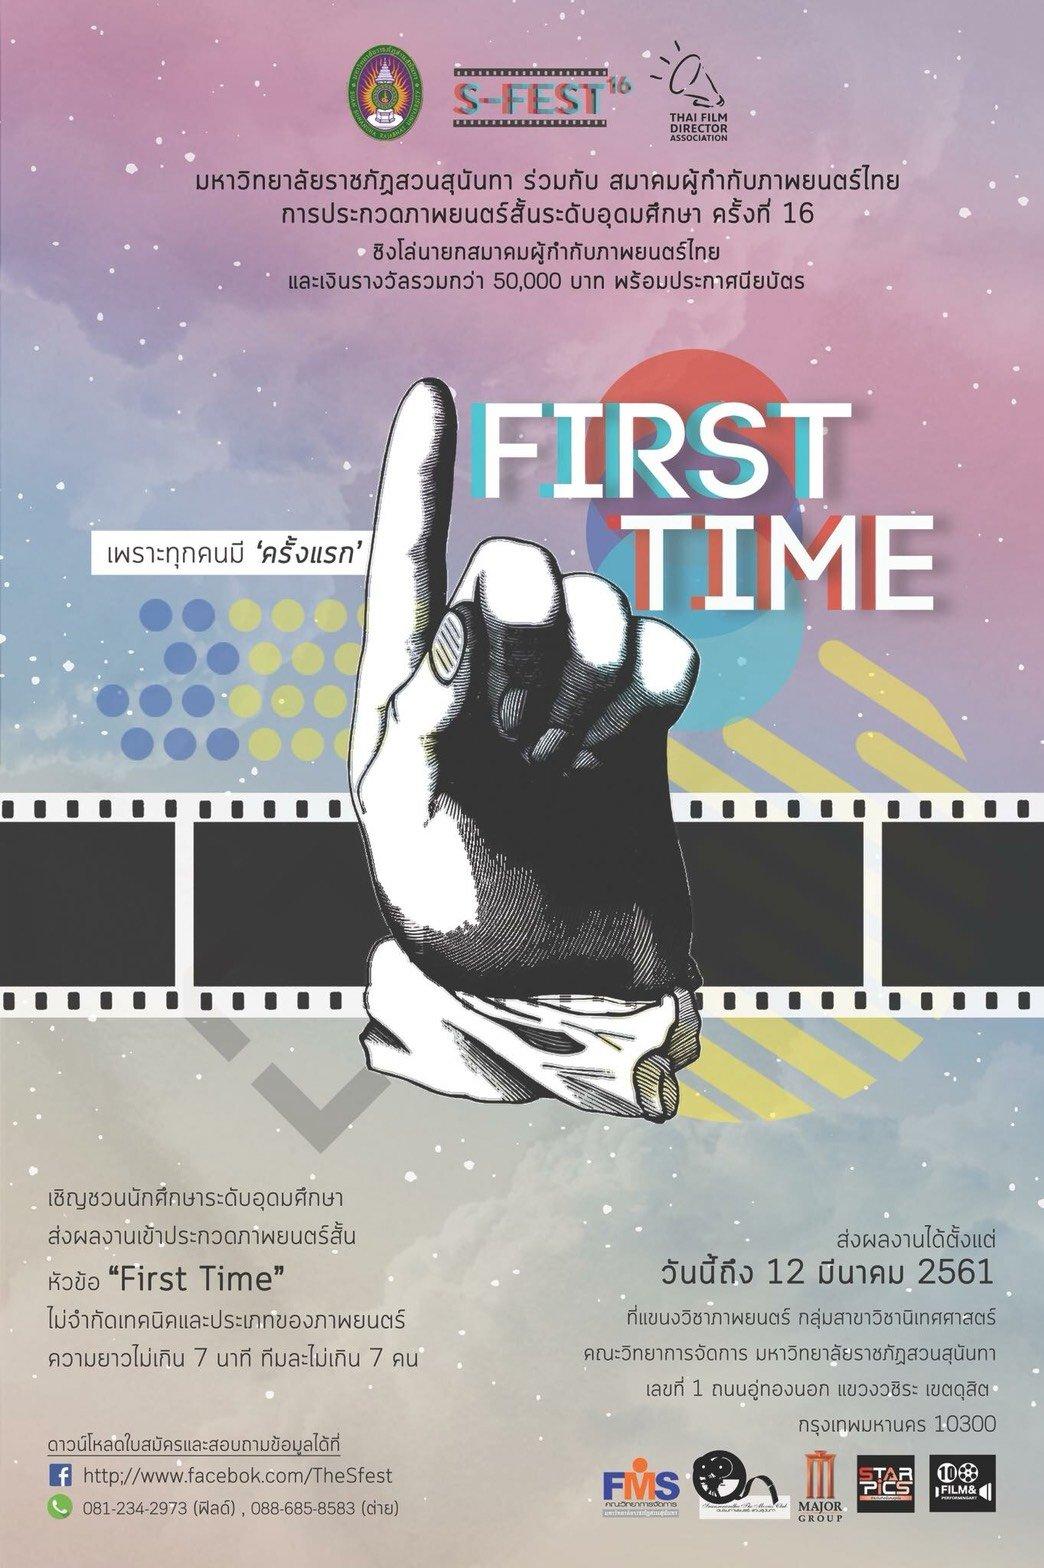 """ขอเชิญนิสิตนักศึกษาทุกท่าน เข้าร่วมประกวดการประกวดภาพยนตร์สั้นระดับอุดมศึกษา ครั้งที่16 ภายใต้หัวข้อ """"First Time"""" 13 -"""